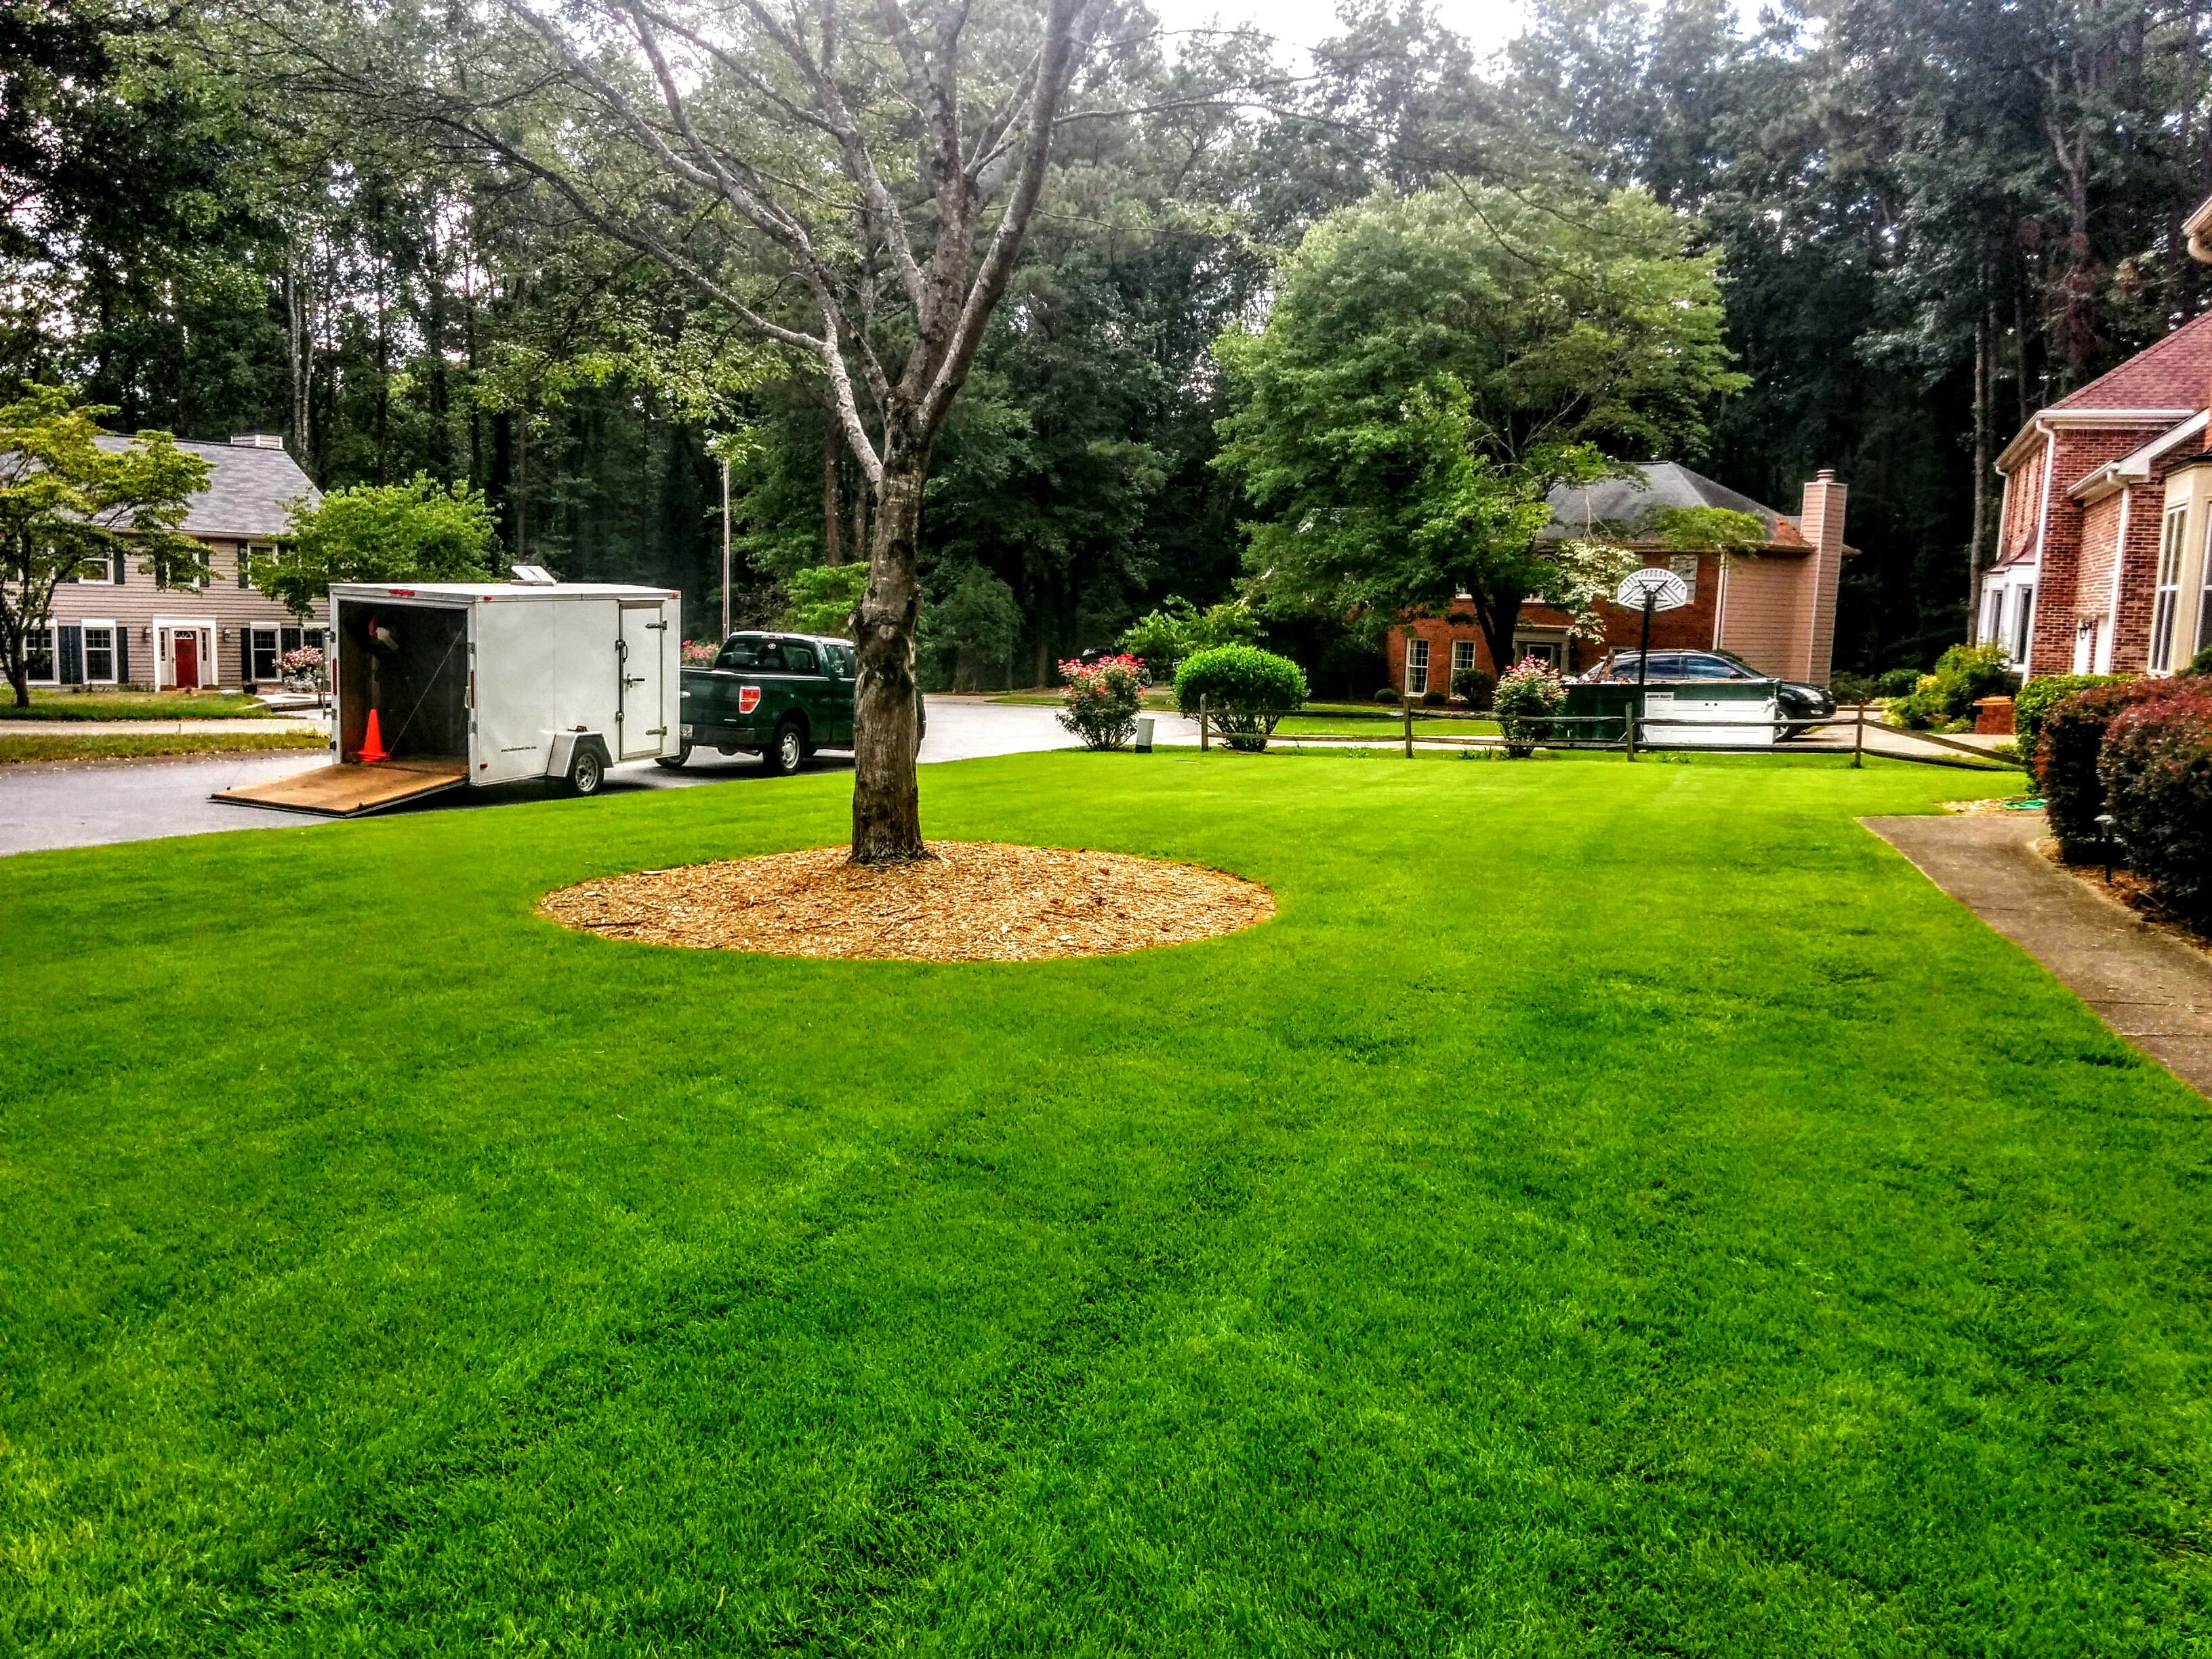 Lawn Care Service in Marietta, GA, 30062